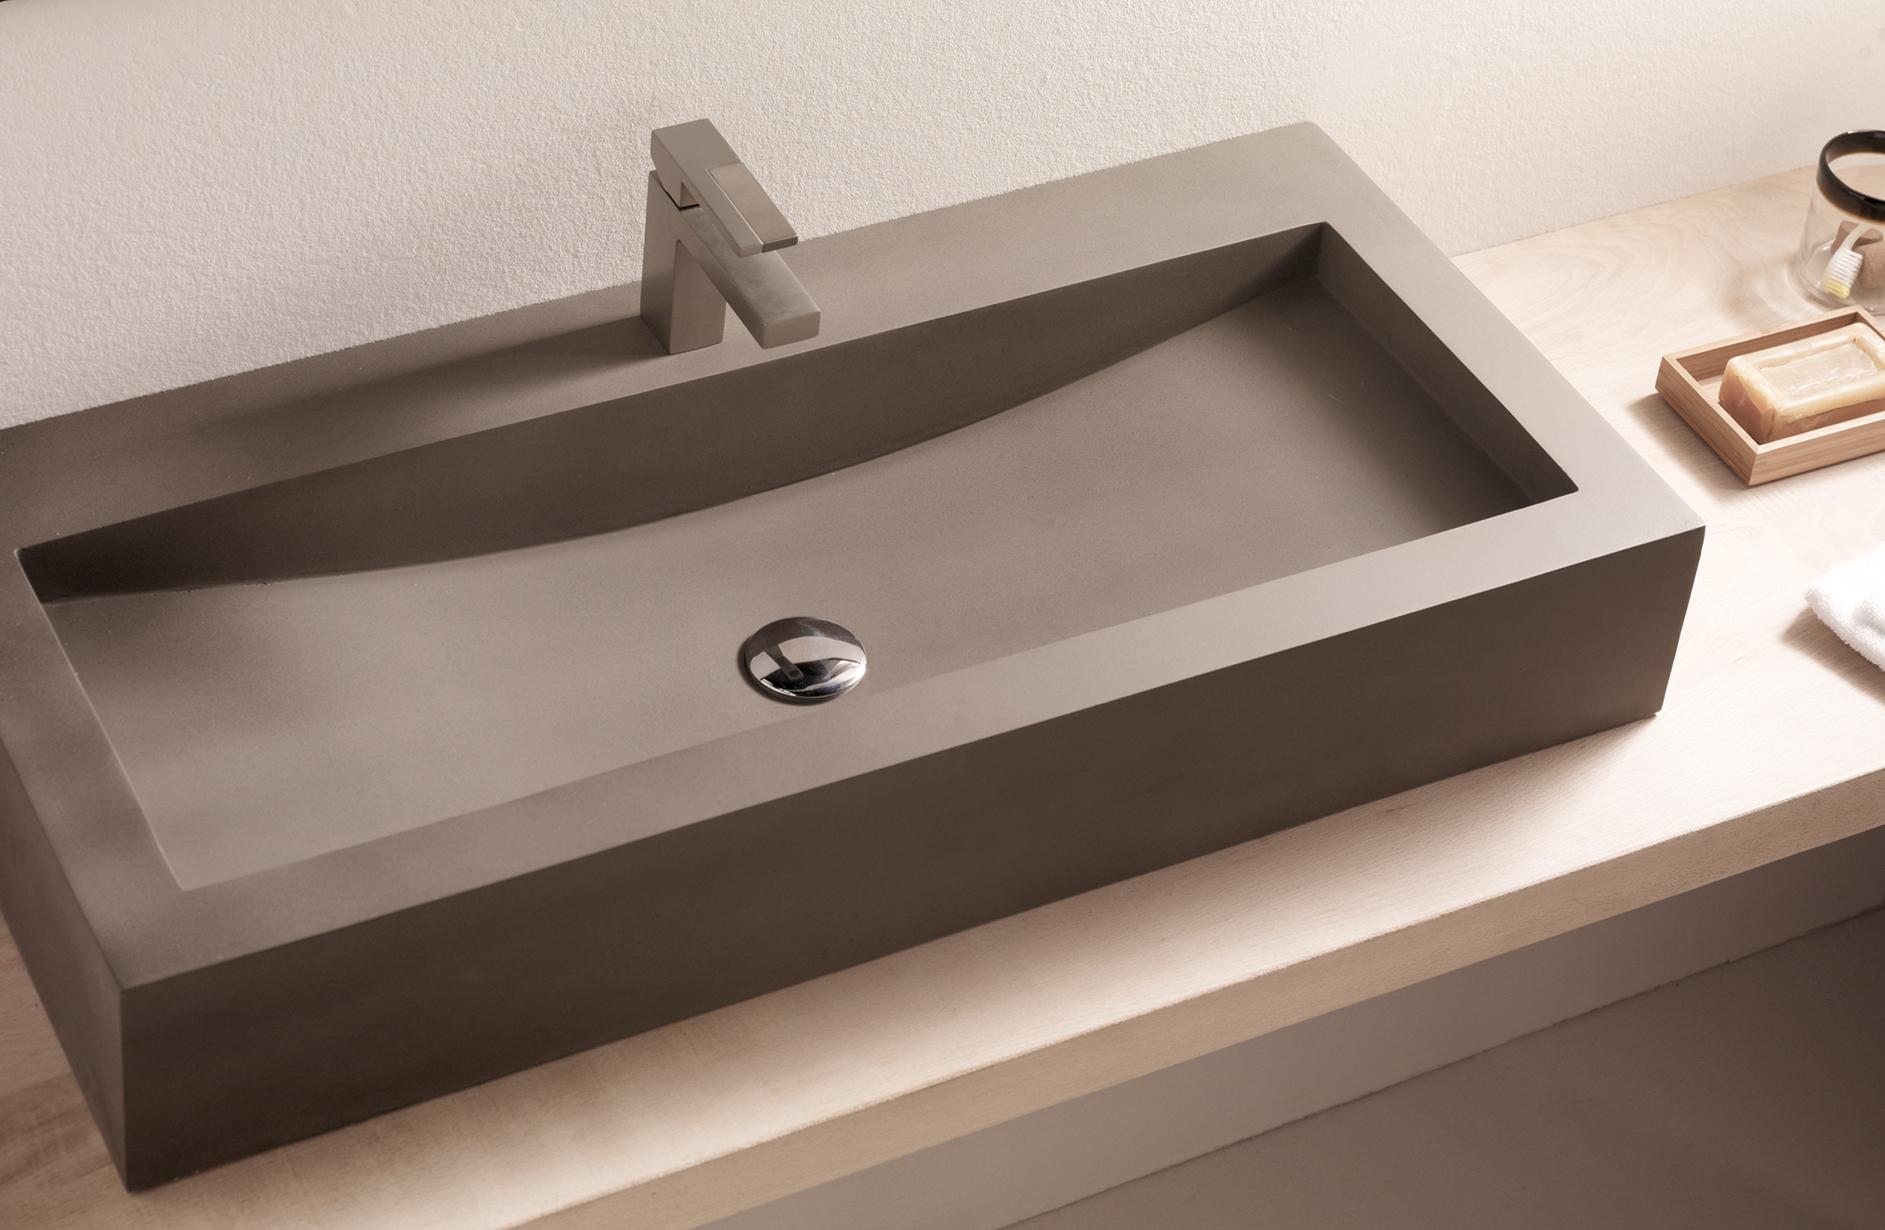 Lavabo sobre encimera azulejos pe a for Encimeras de bano para lavabo